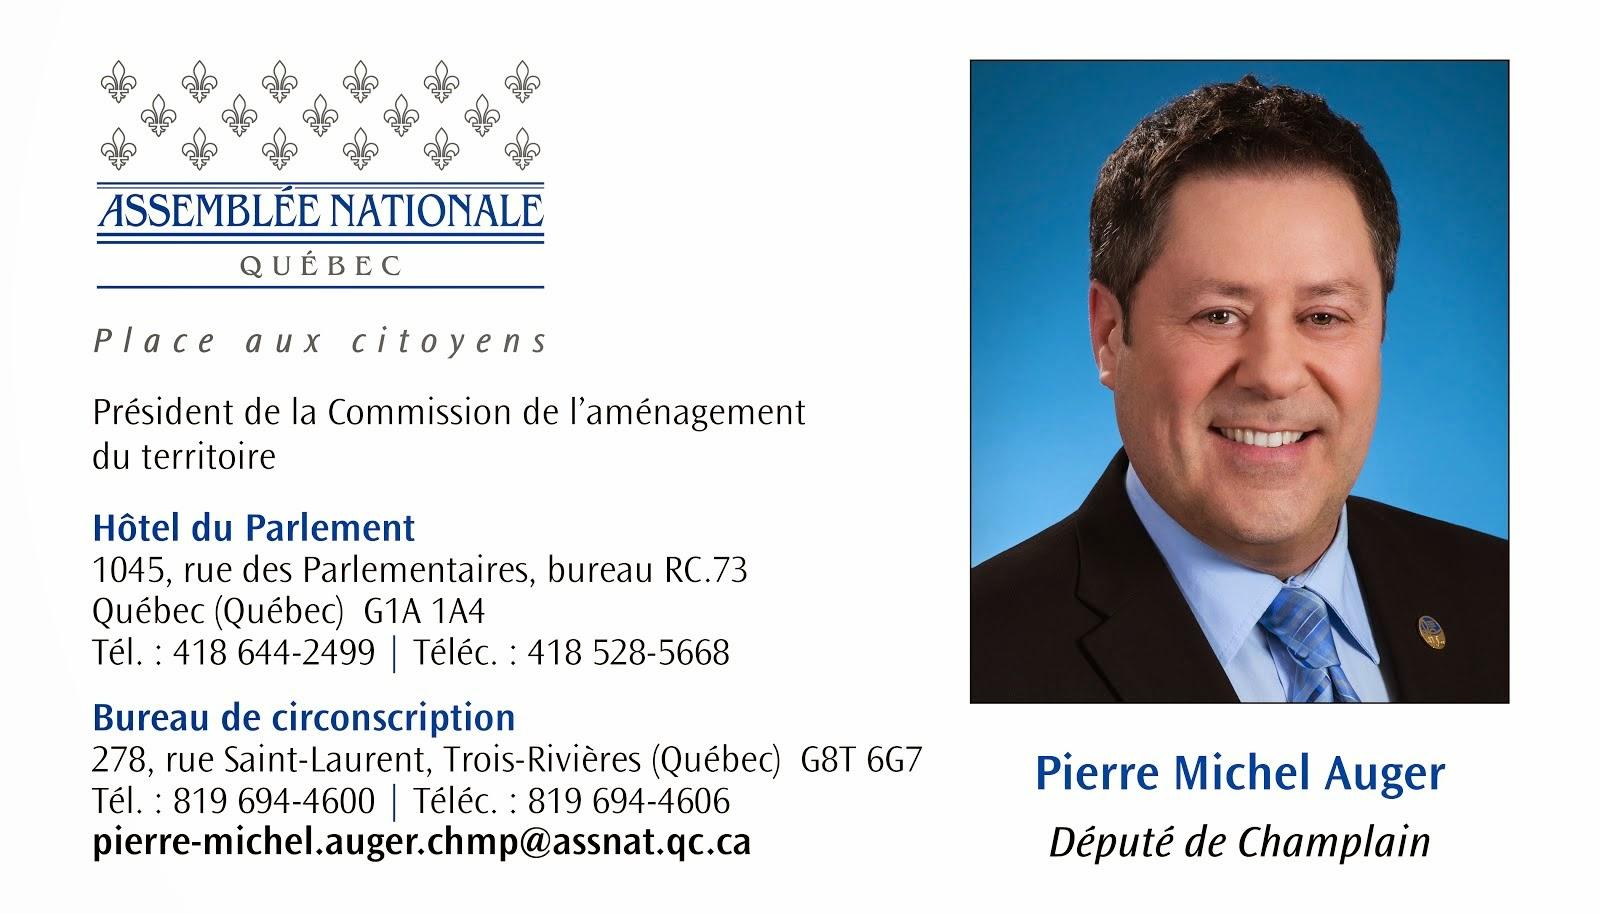 Député de Champlain